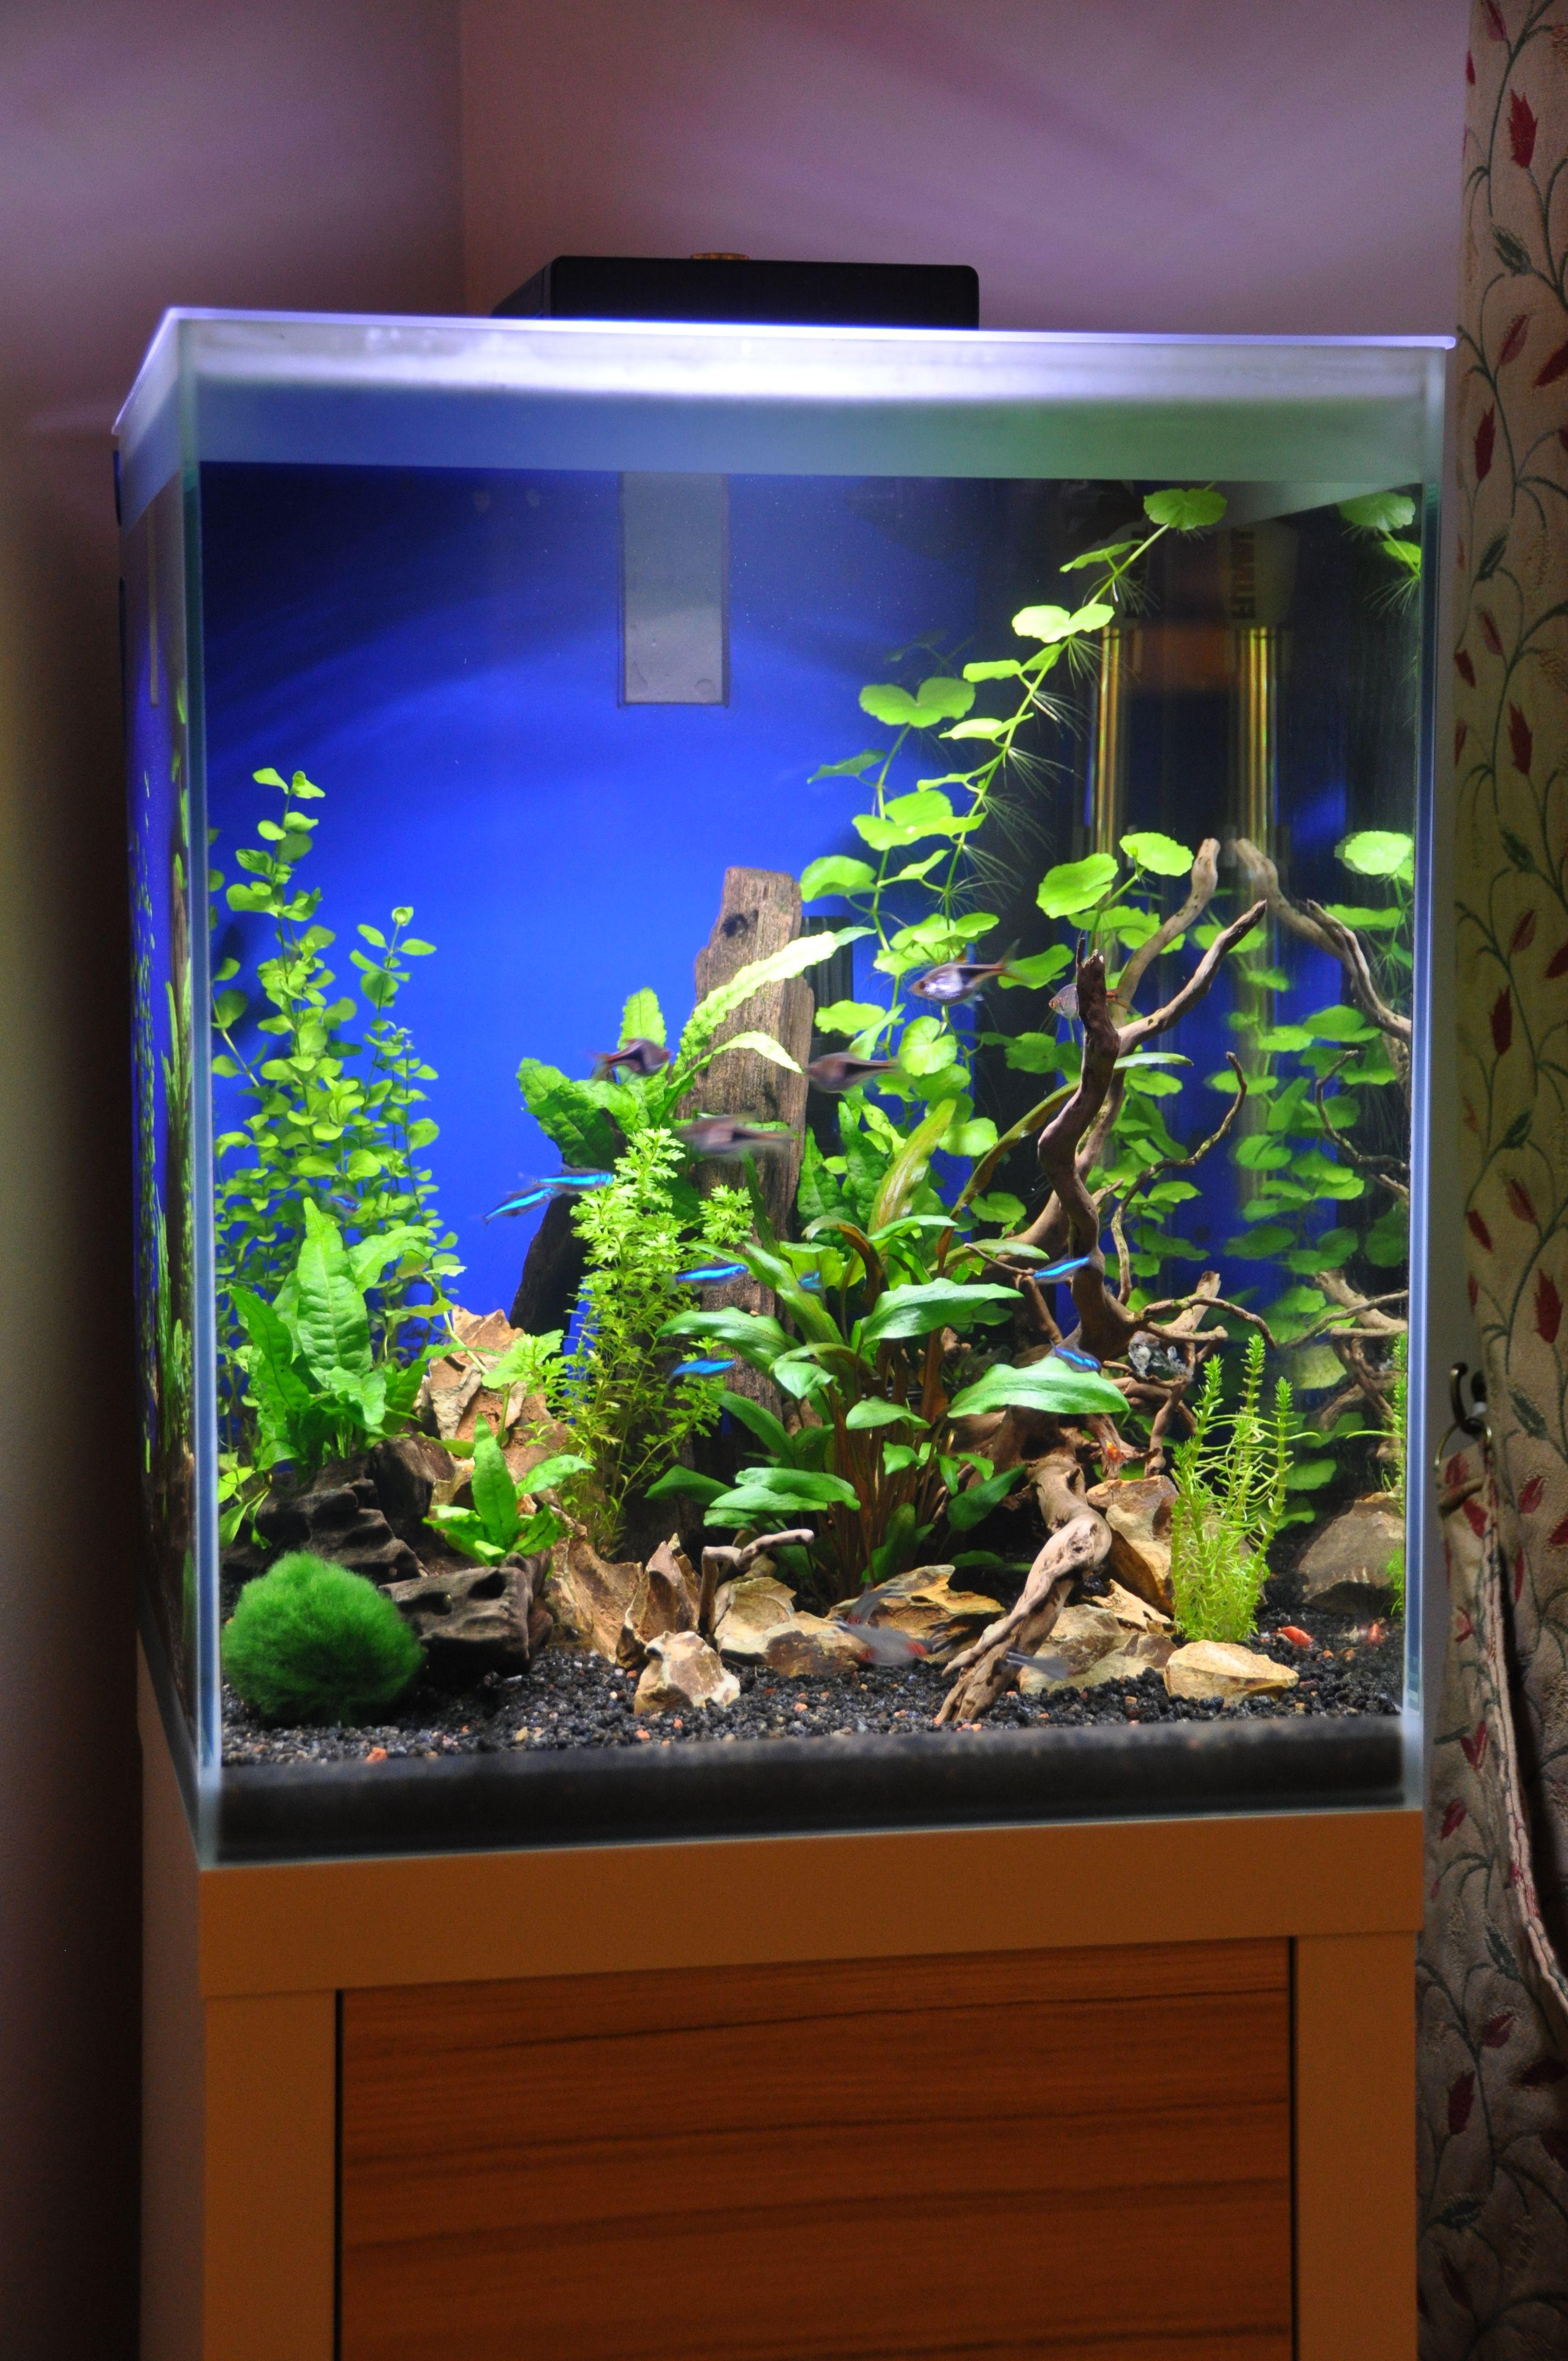 Fluval Fresh F35 planted aquarium | Fishies and tanks ...